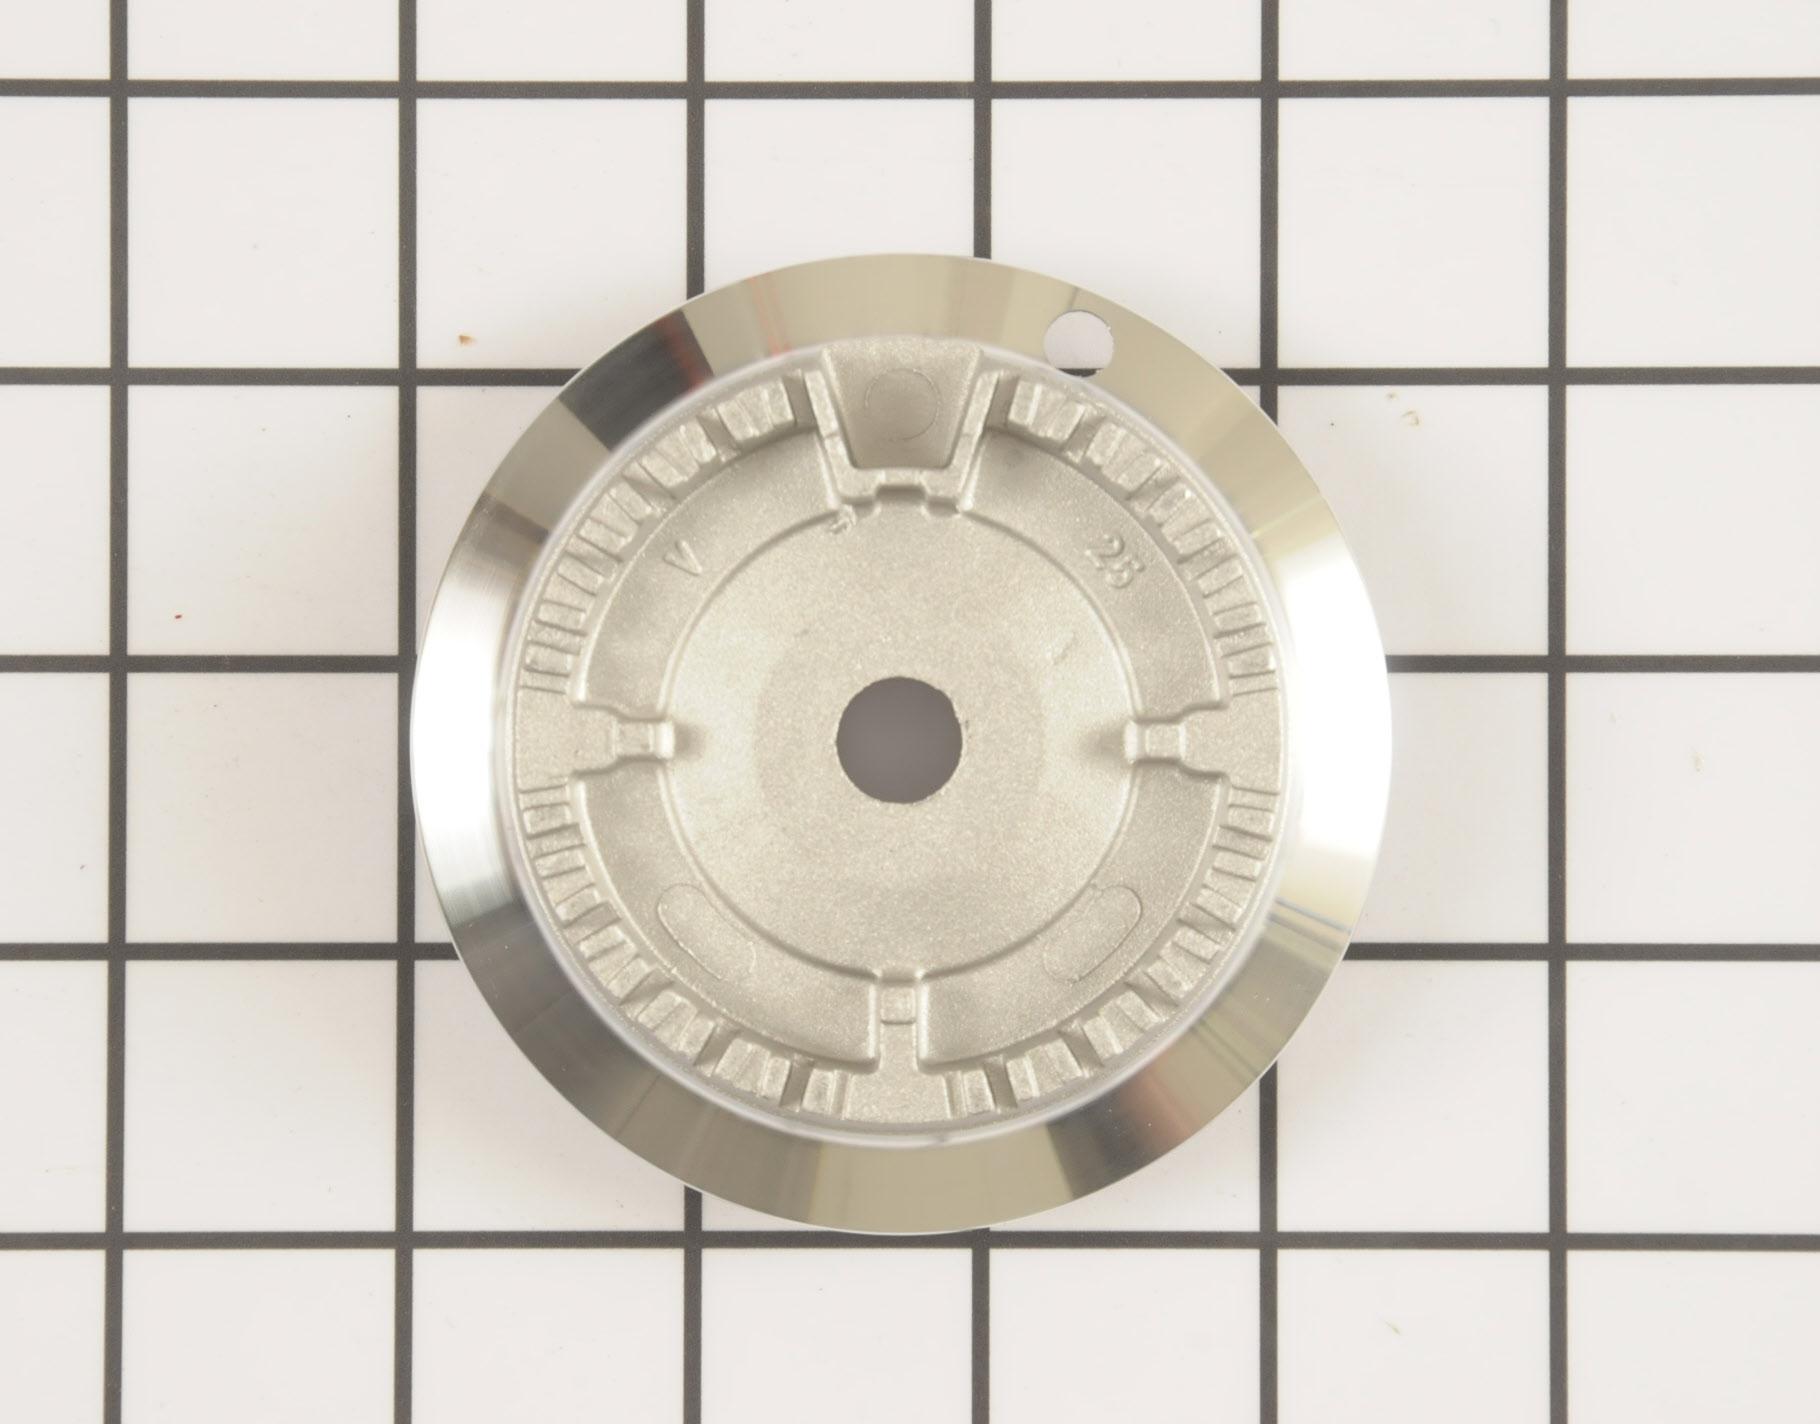 Ikea Range/Stove/Oven Part # WP8286814 - Surface Burner Base